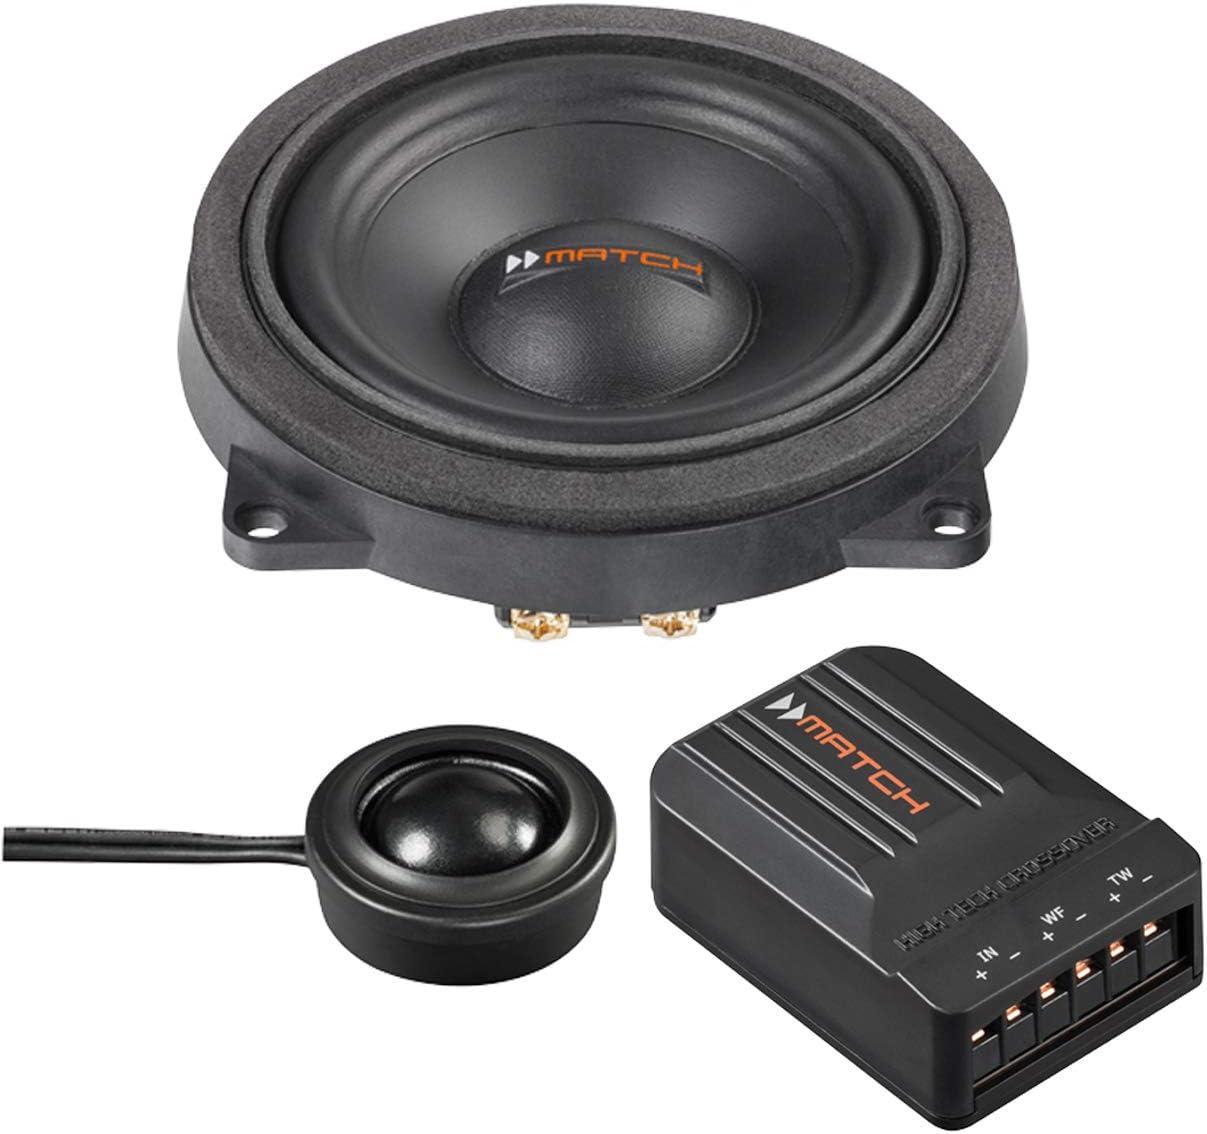 Match Ms 42c Bmw 1 10 Cm Komponenten Lautsprecher Mit 120 Watt Rms 60 Watt Für Bmw 1 3 5 7 Navigation